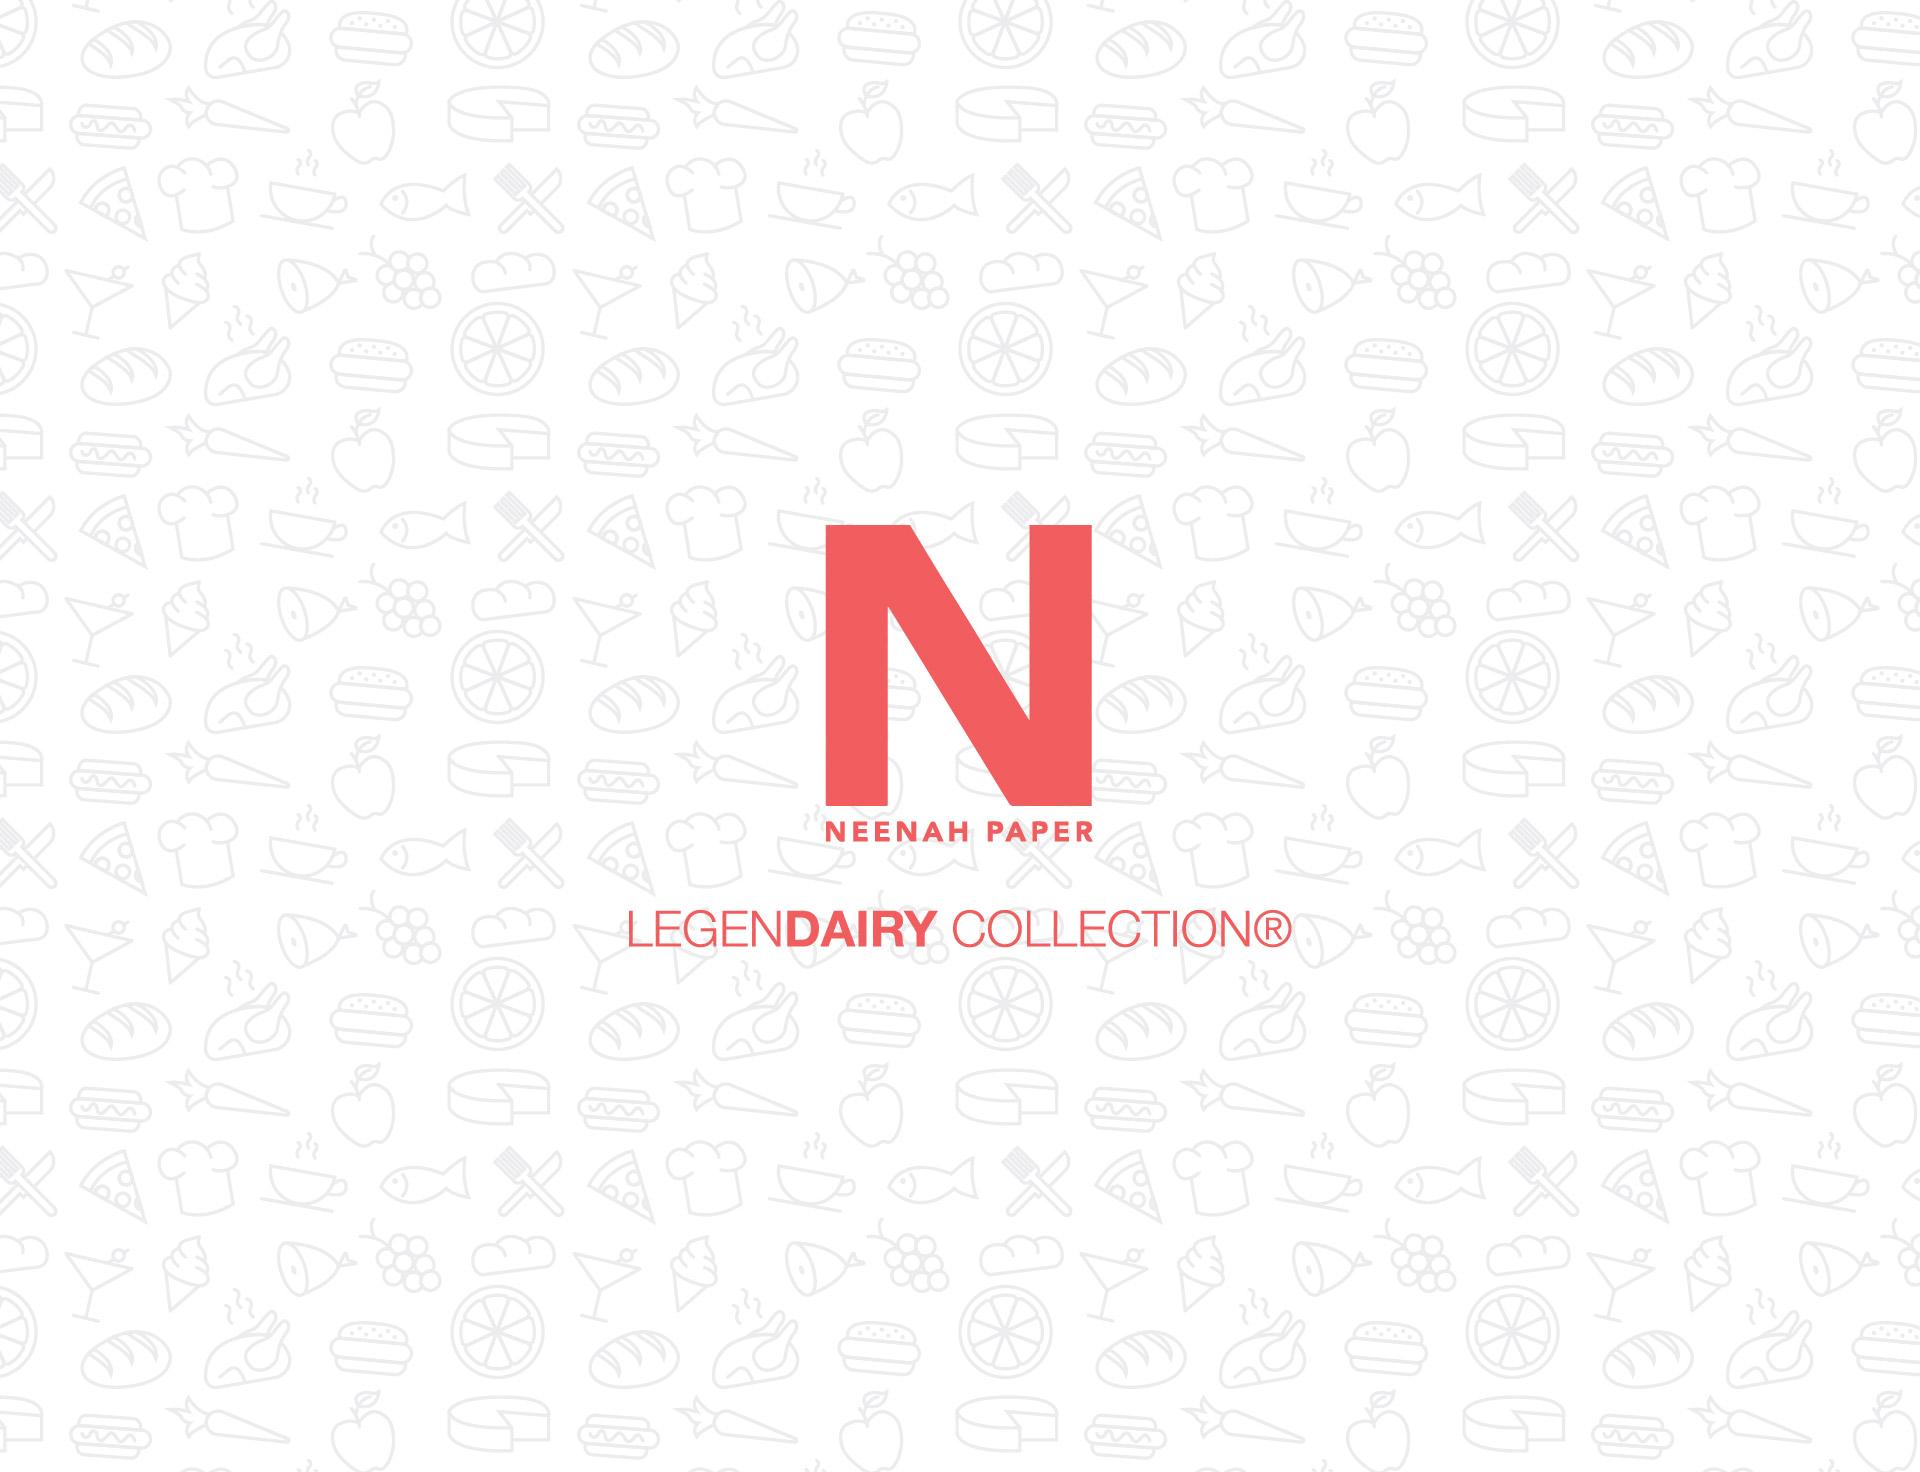 NeenahPaperSample-01.jpg